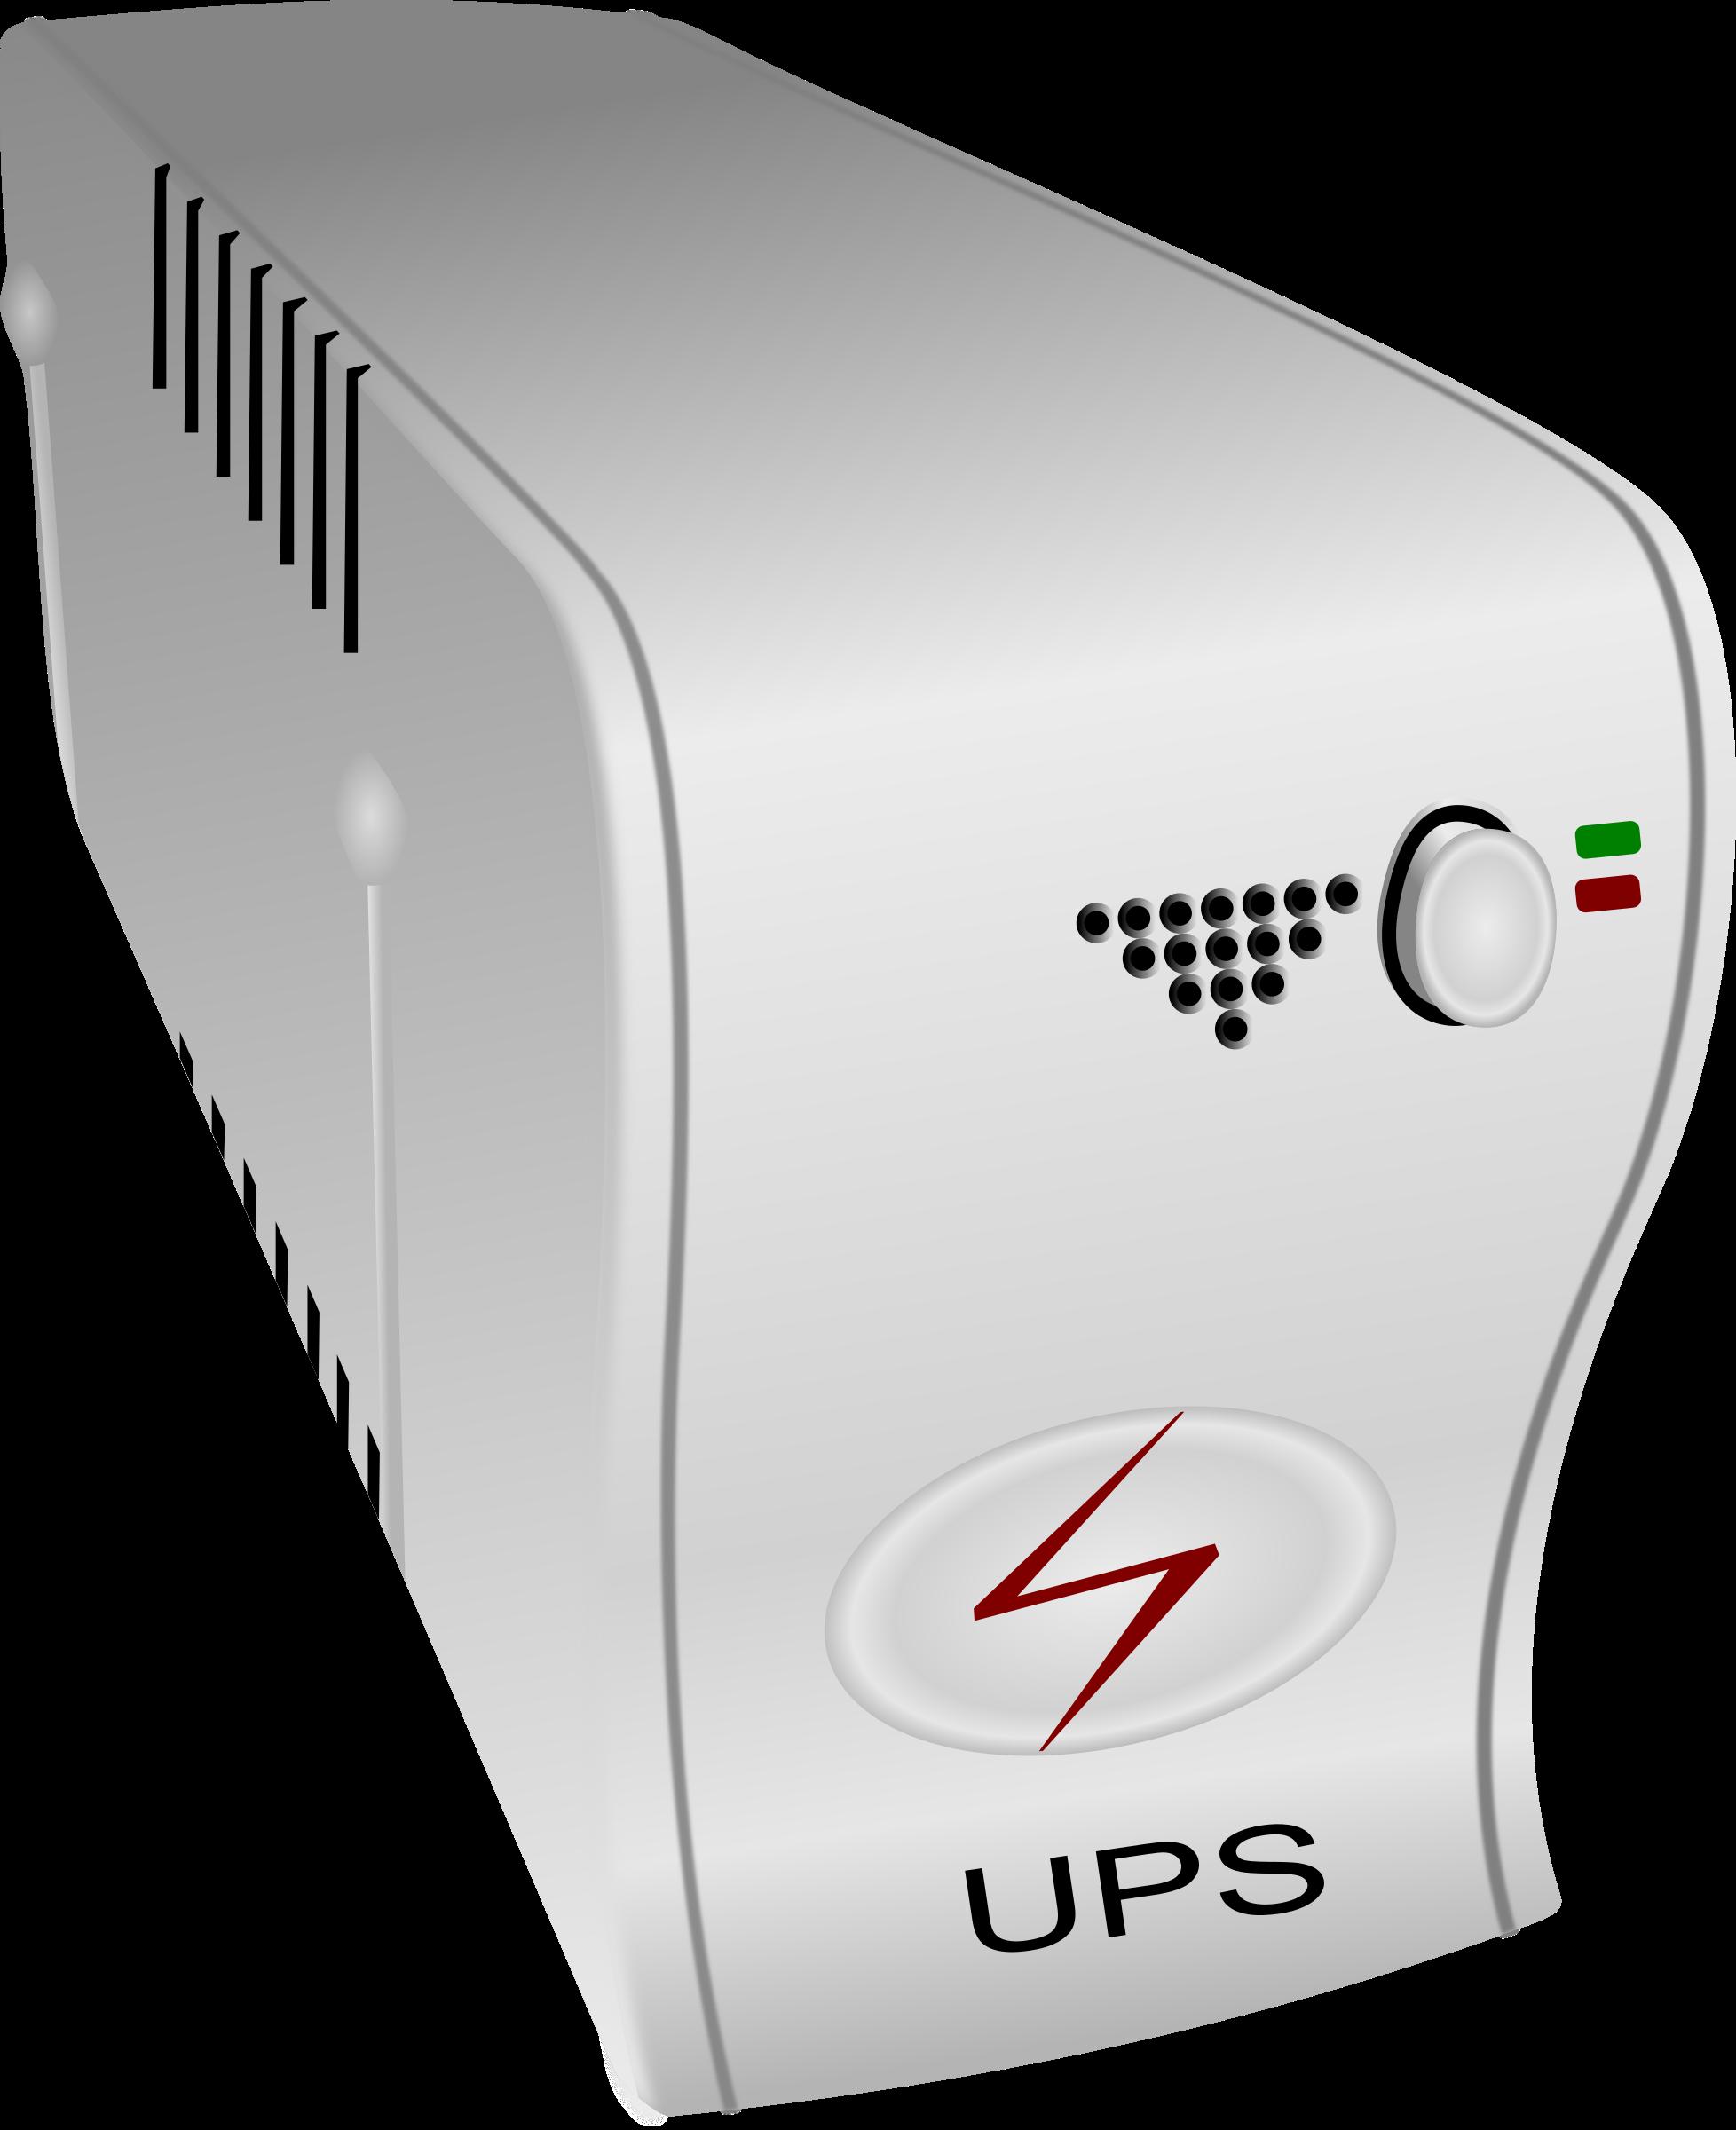 Clipart - UPS